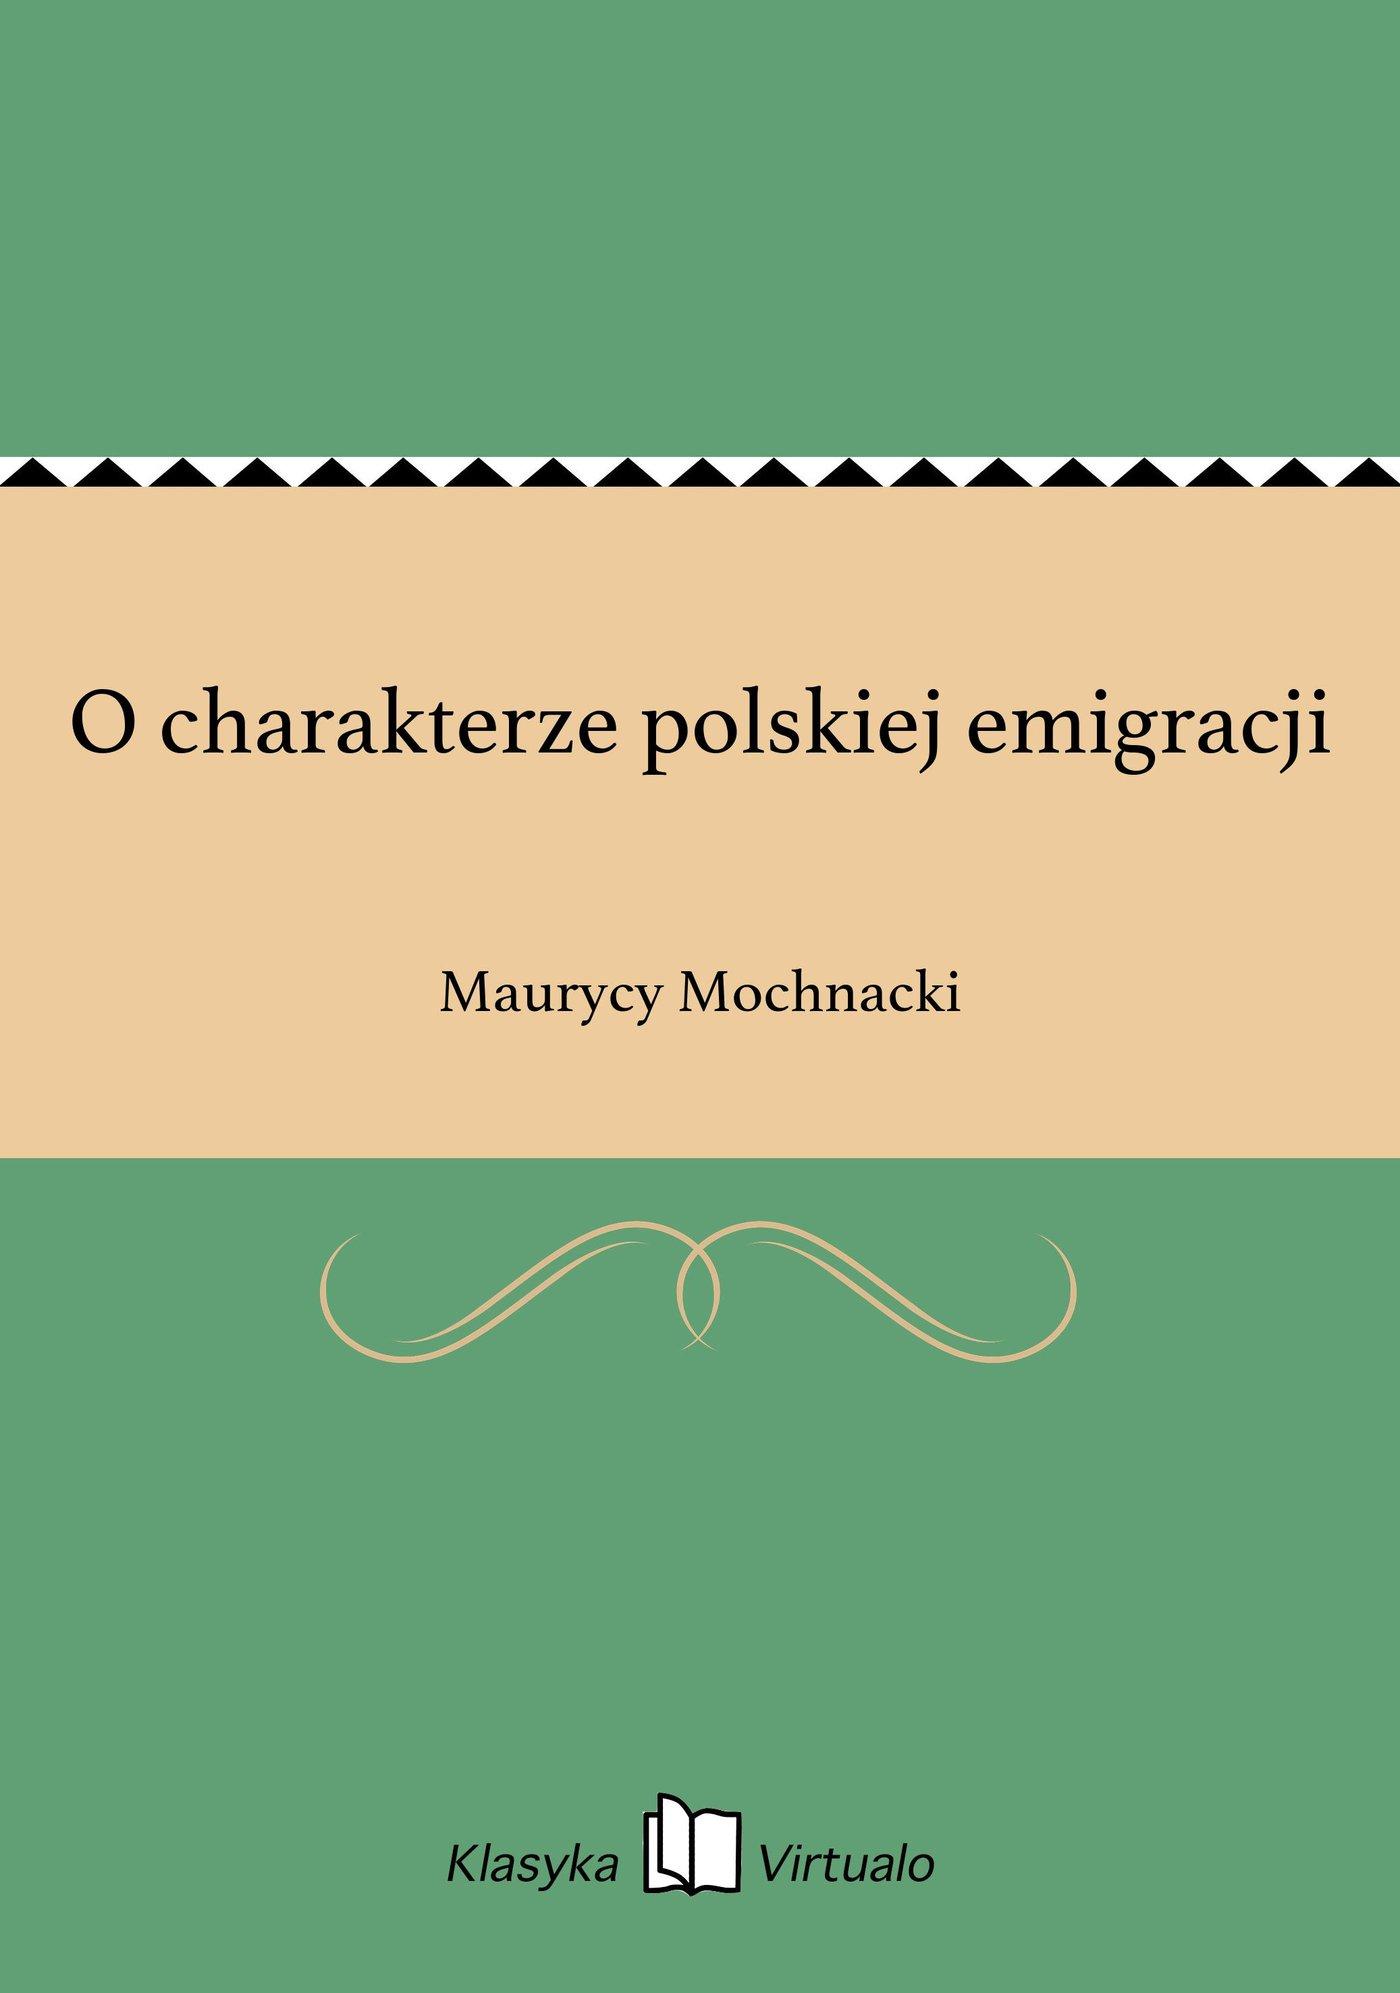 O charakterze polskiej emigracji - Ebook (Książka EPUB) do pobrania w formacie EPUB